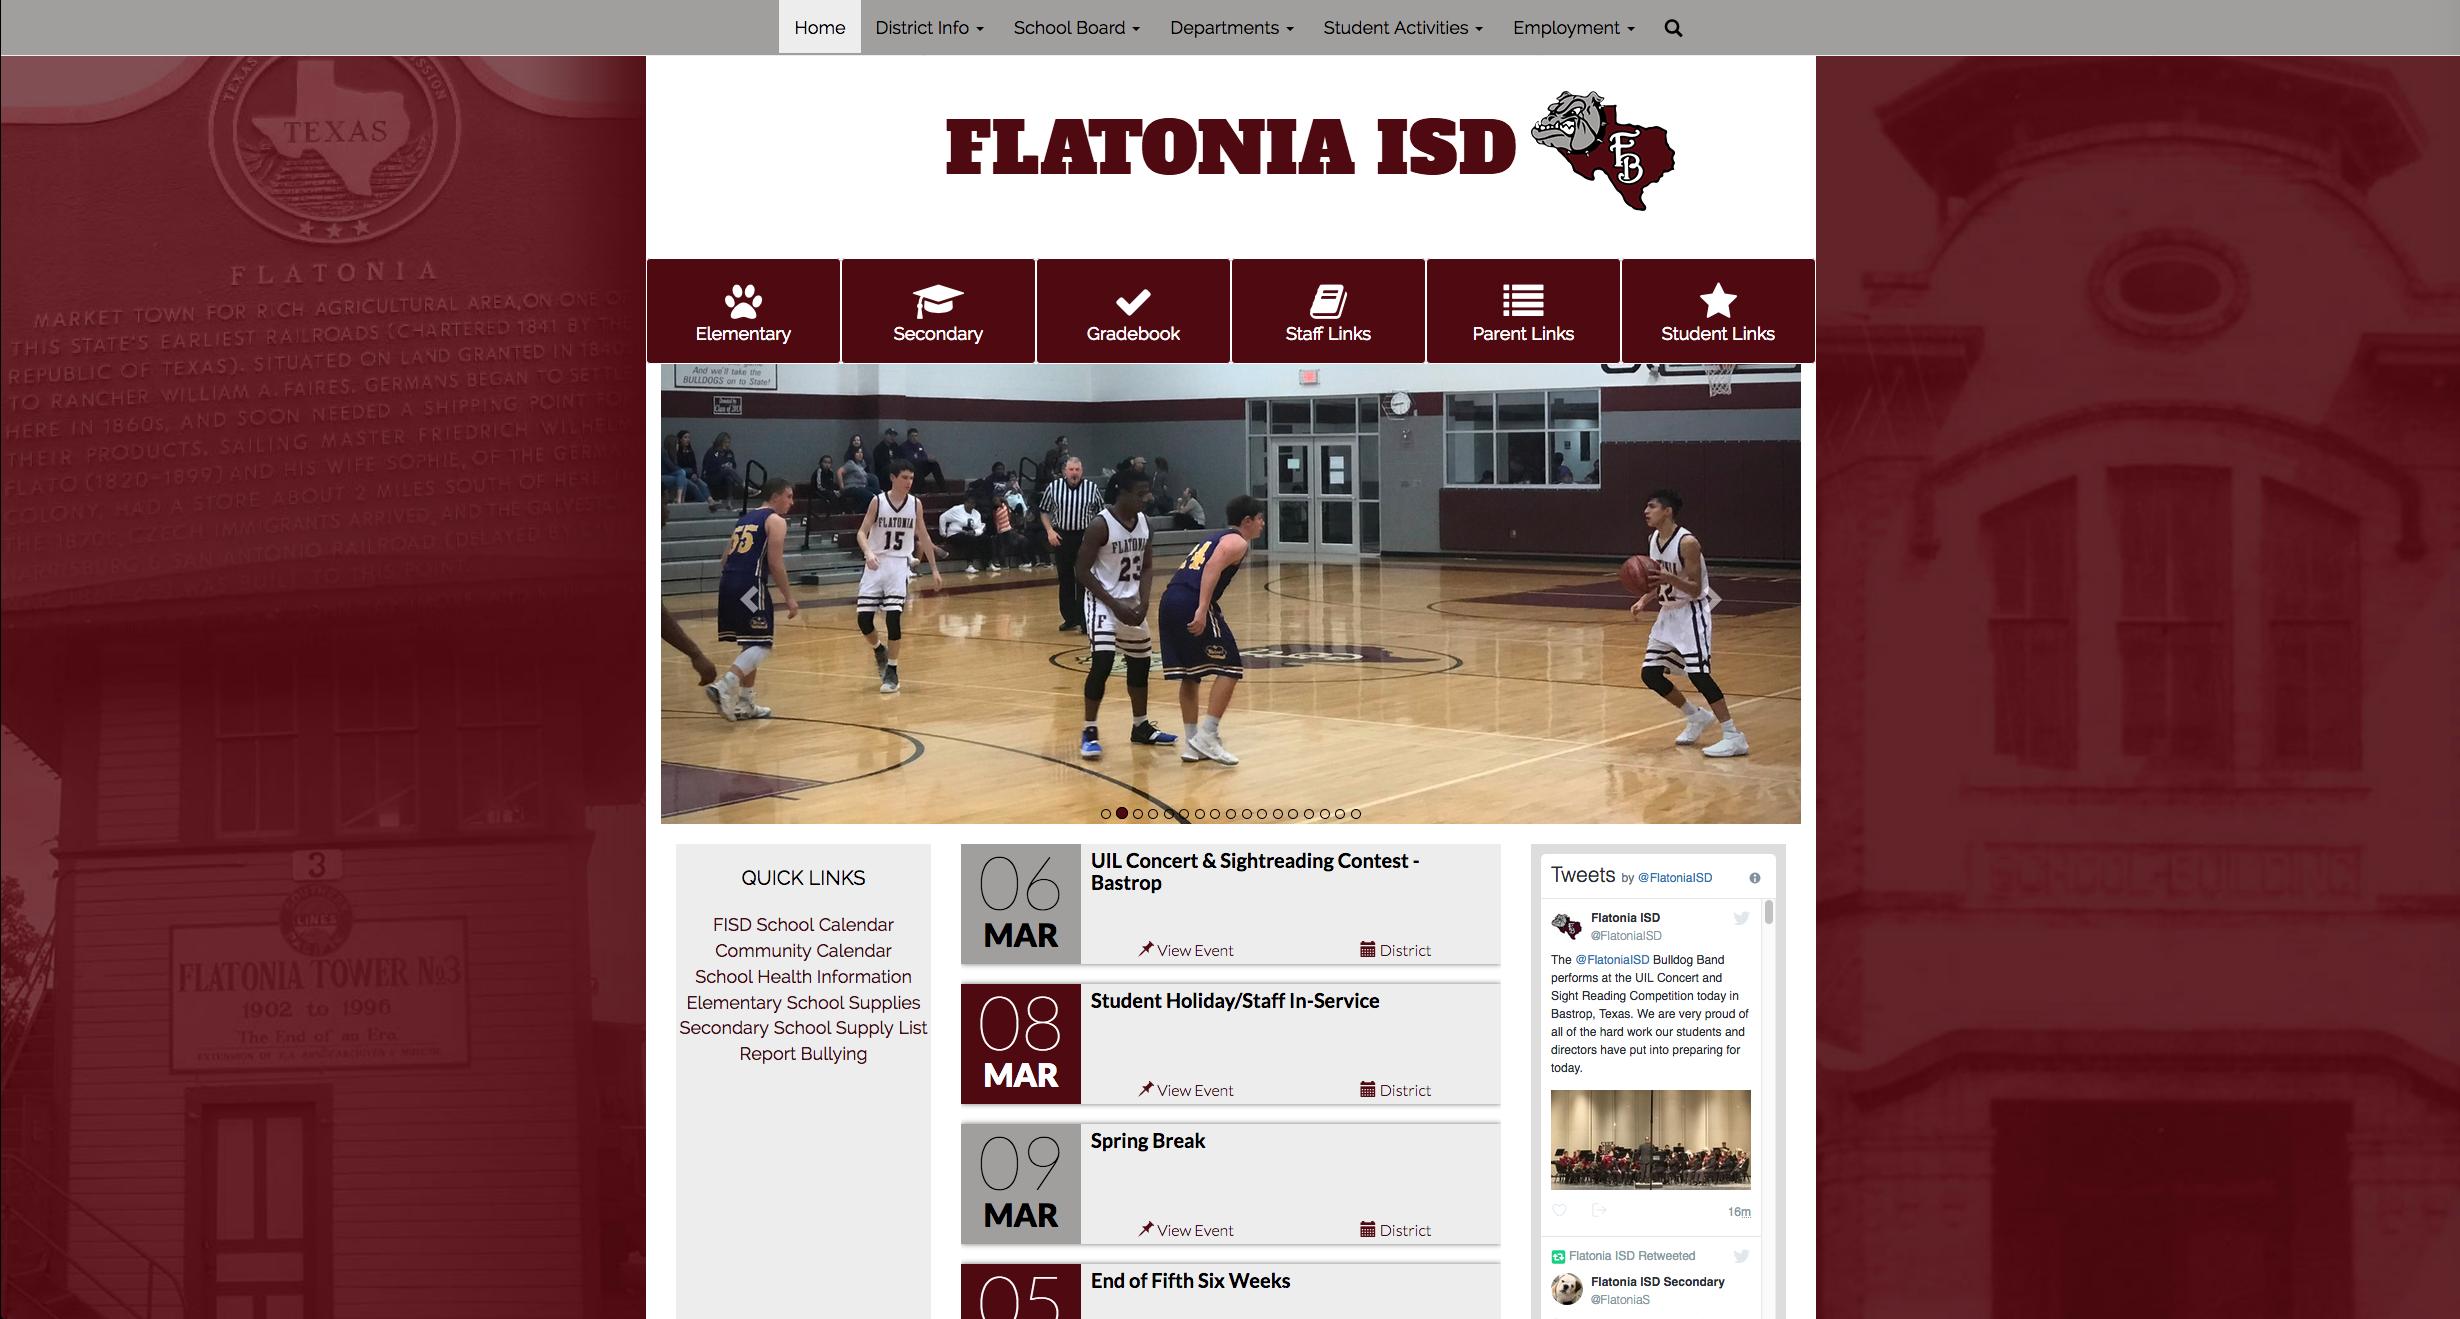 Flatonia ISD